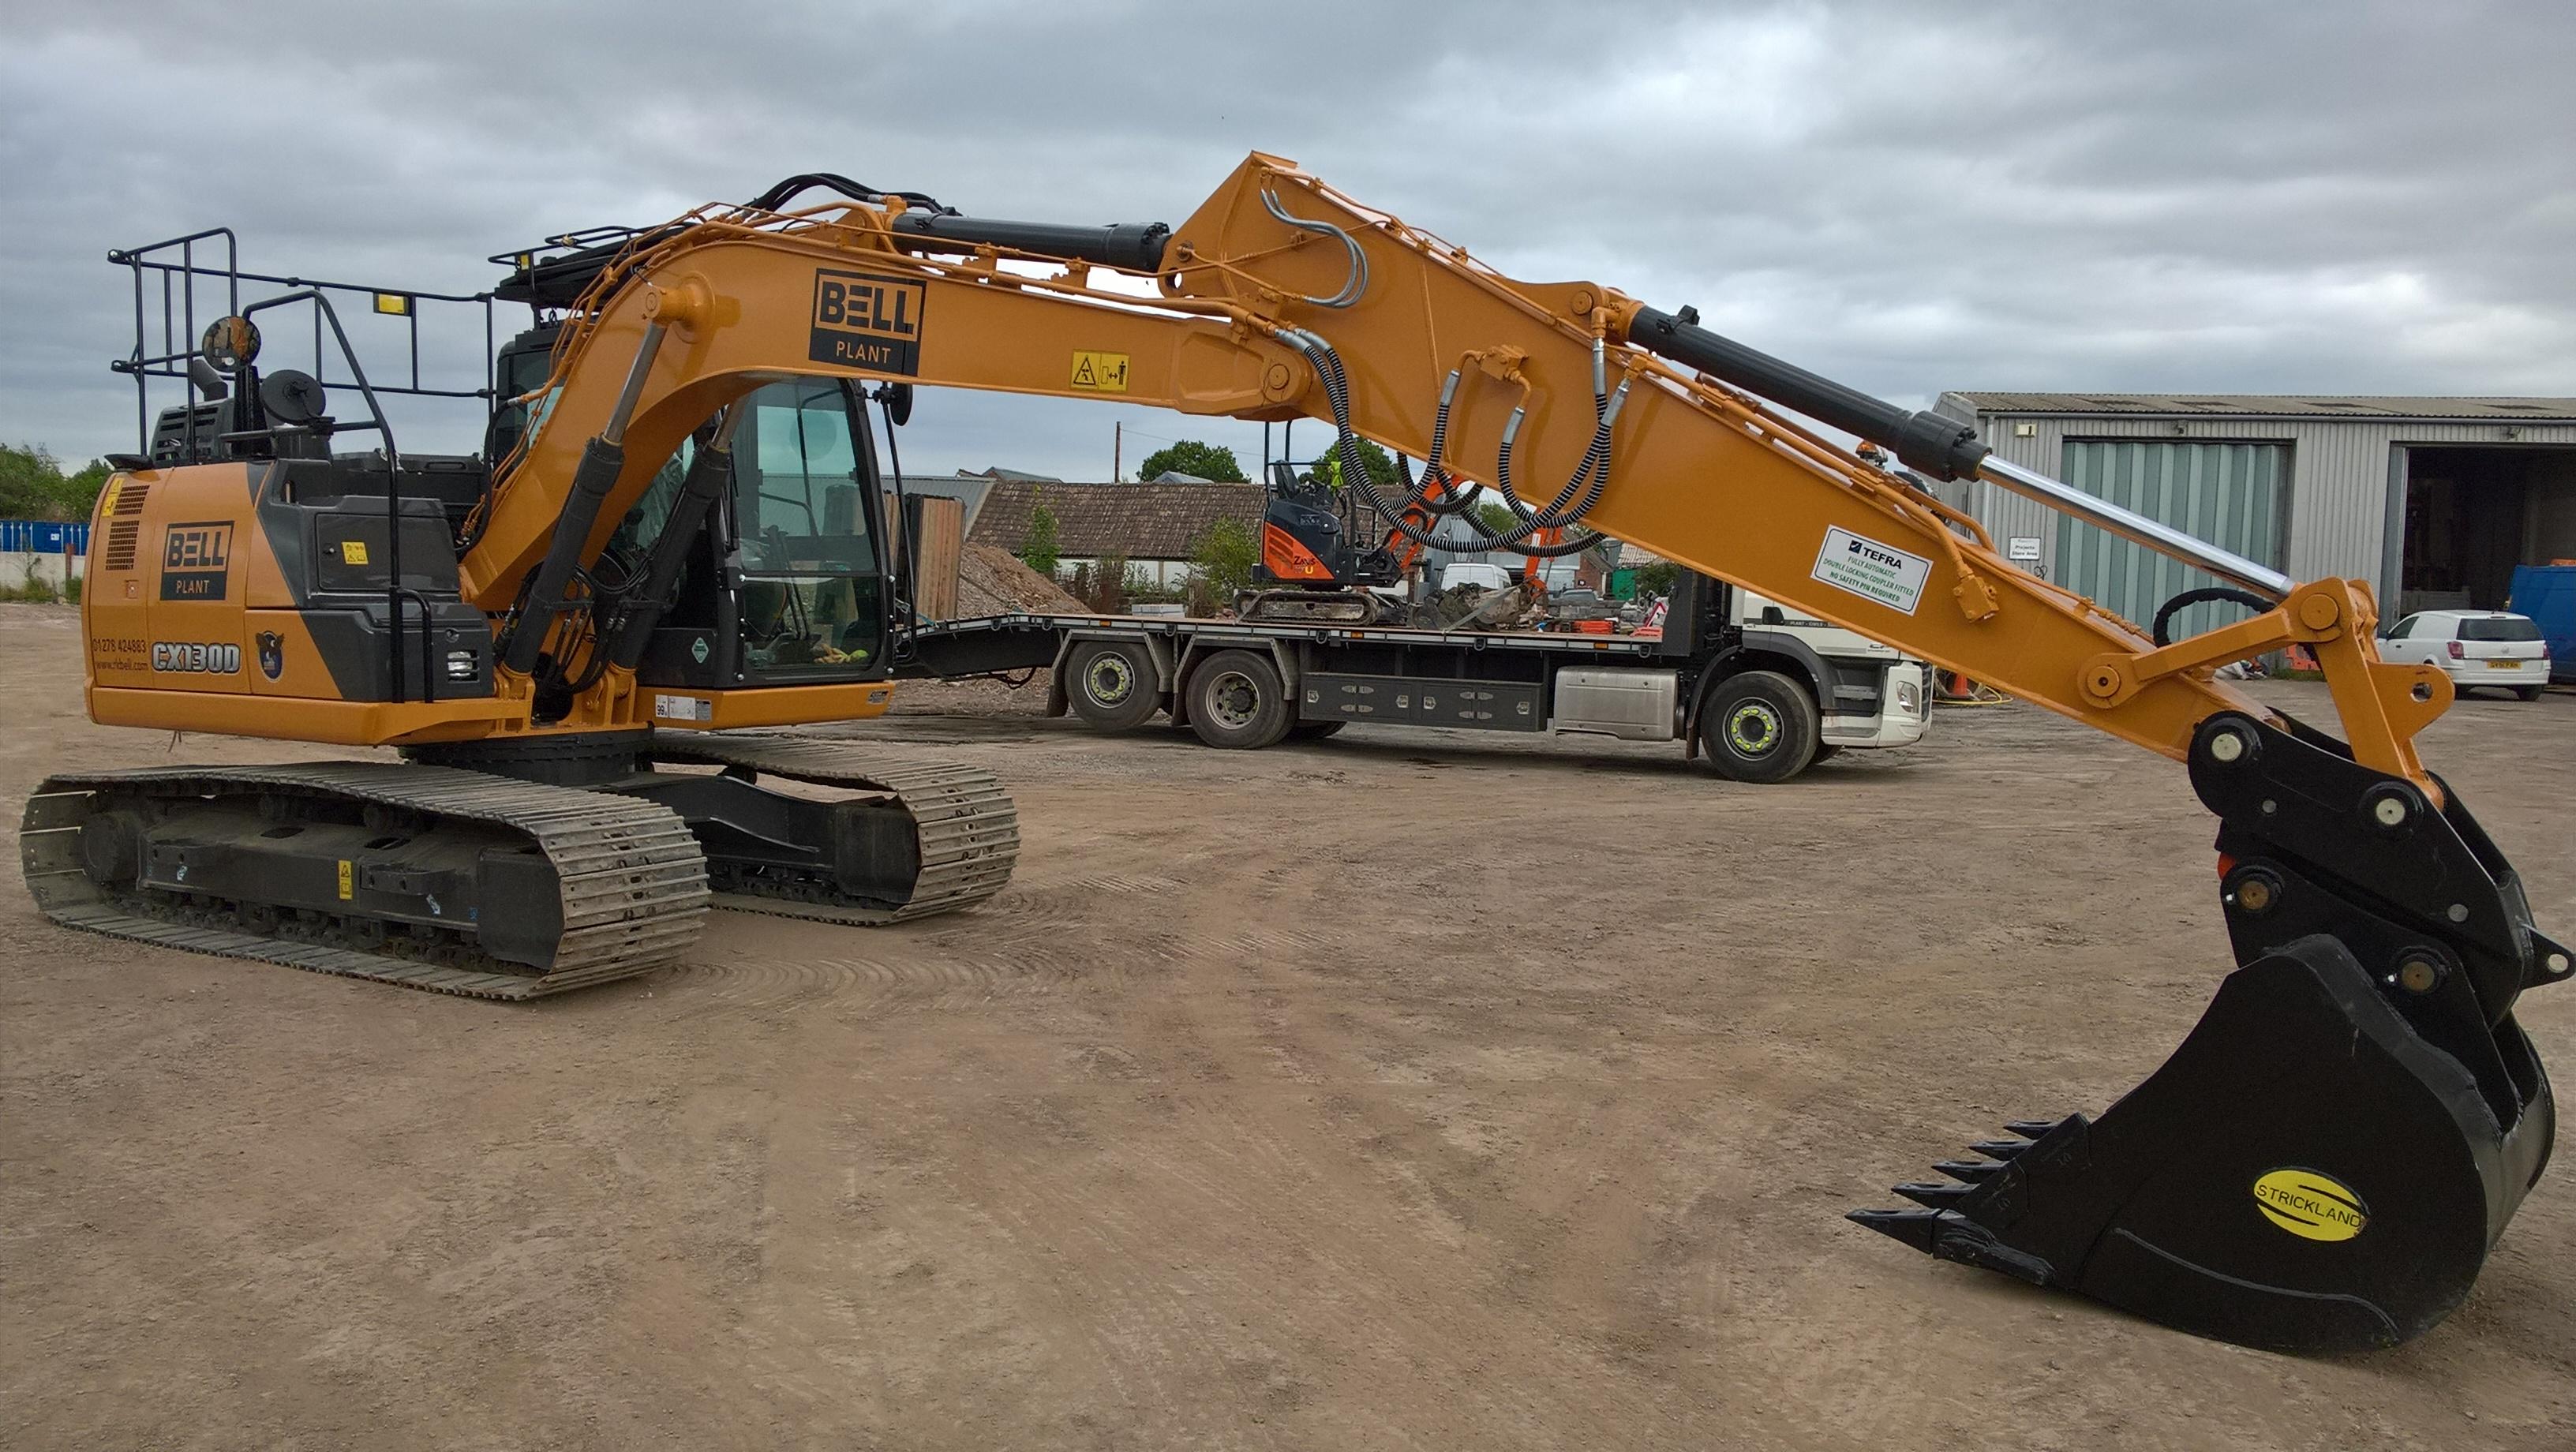 Case CX130D Excavator